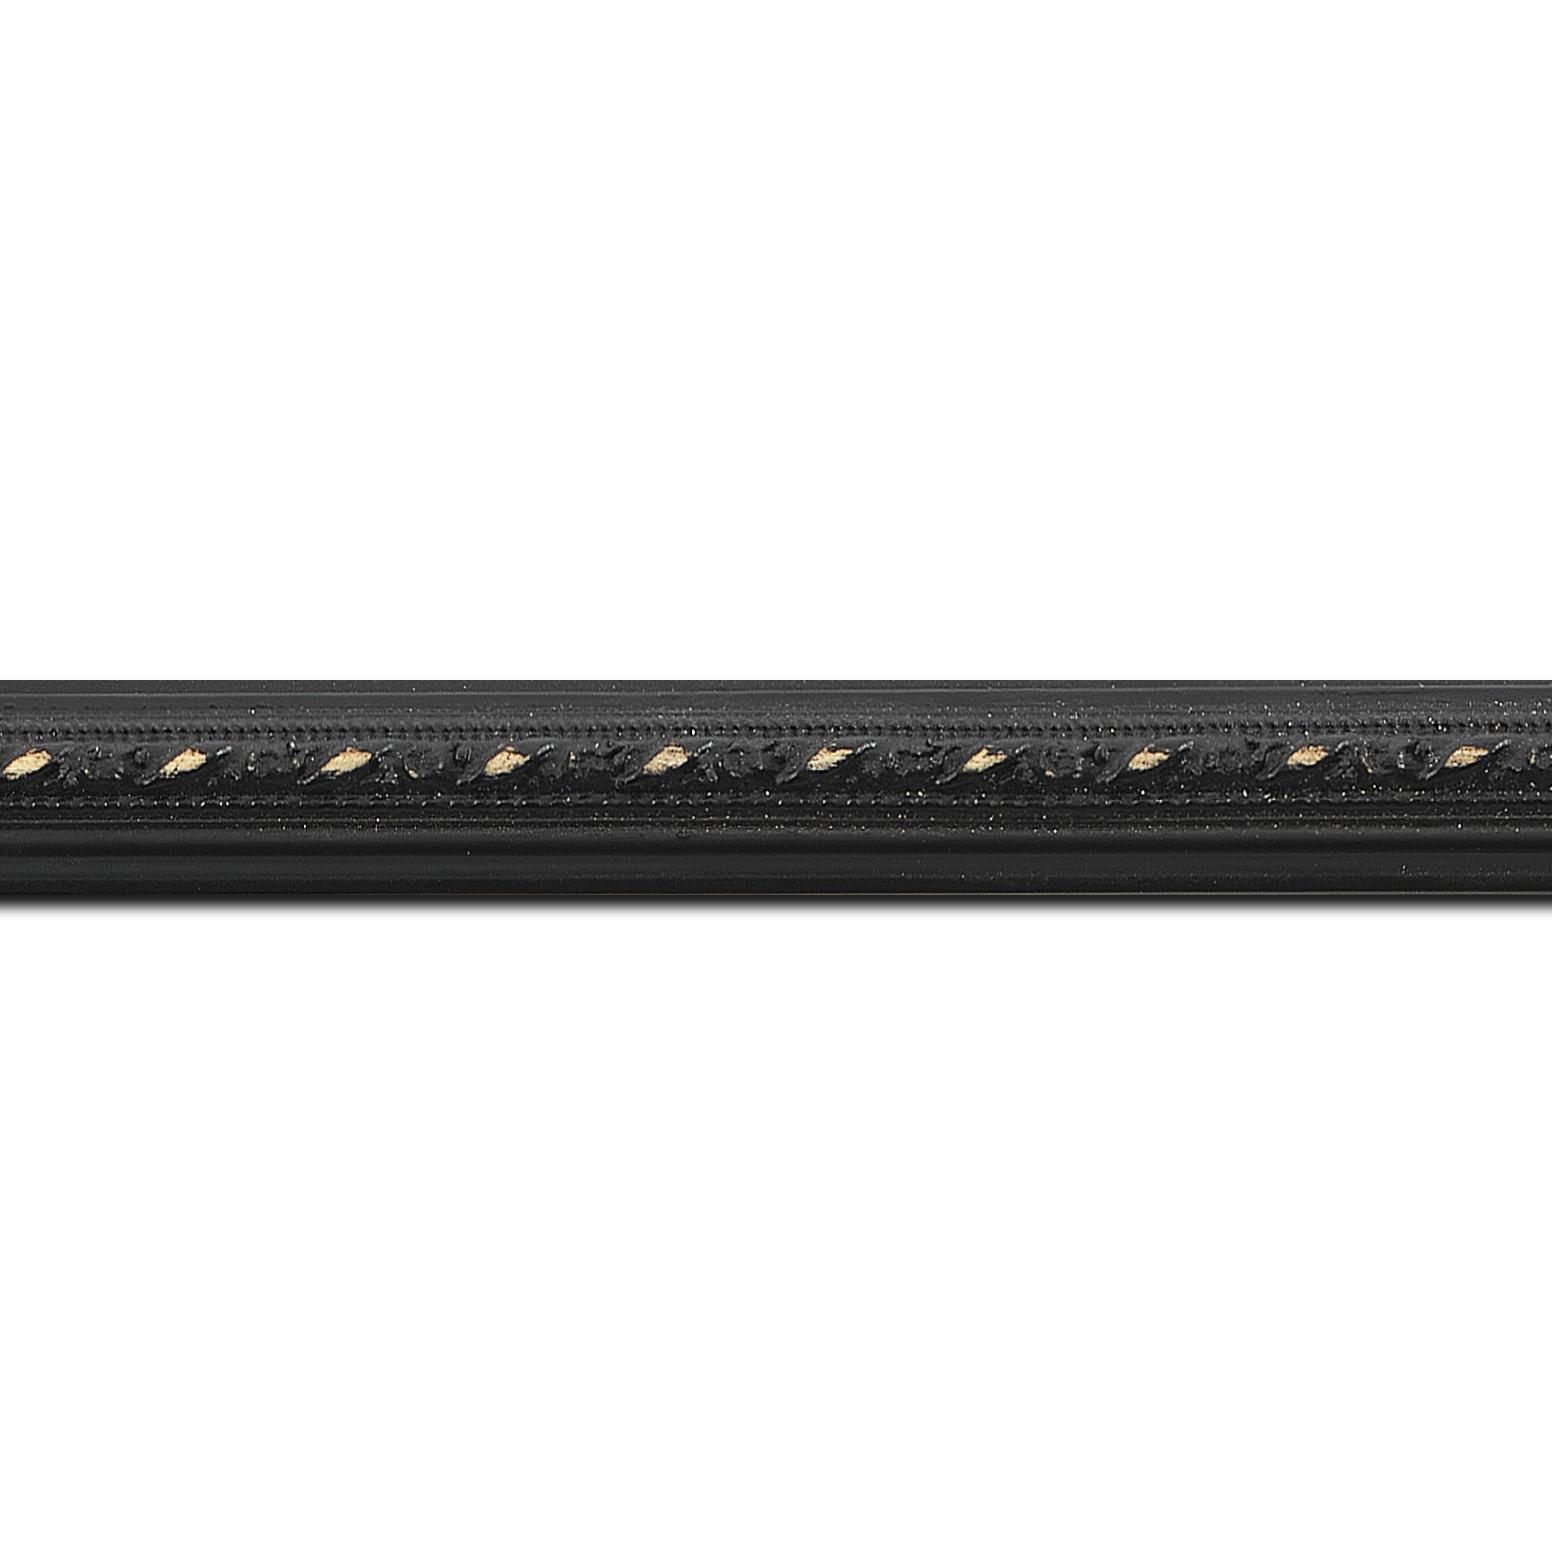 Pack par 12m, bois profil bombé largeur 2cm couleur noir antique style (longueur baguette pouvant varier entre 2.40m et 3m selon arrivage des bois)